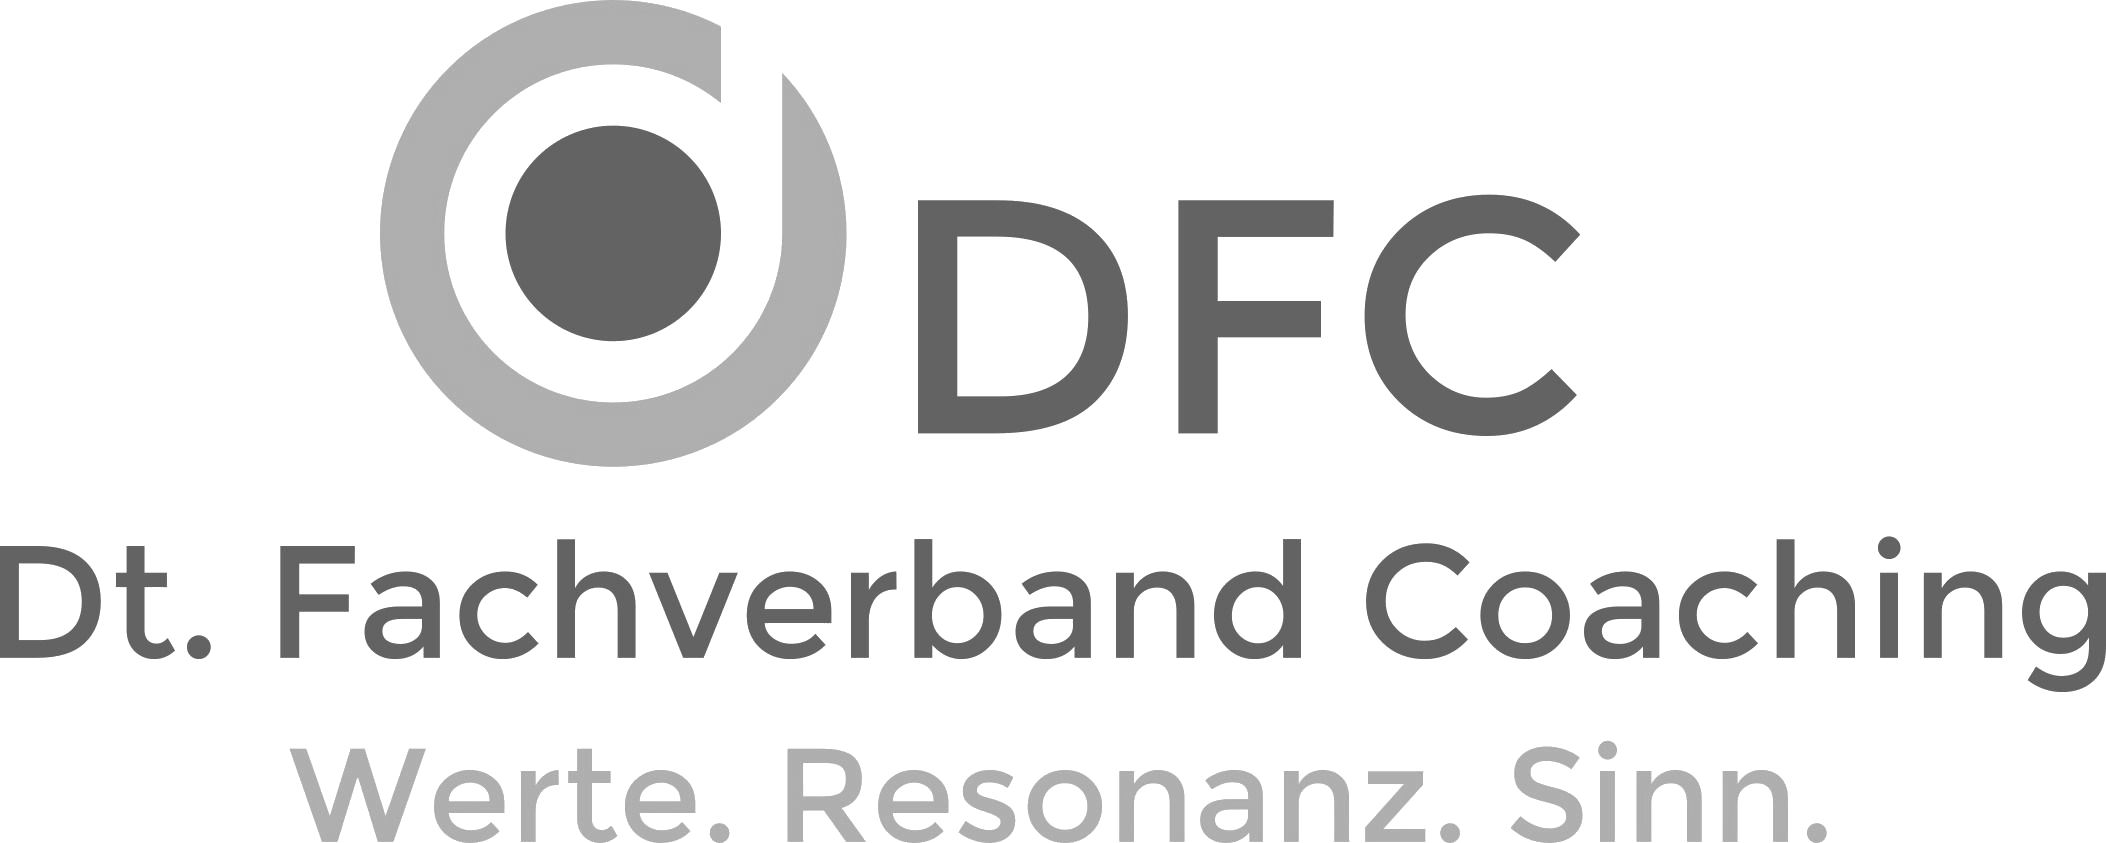 Leuchtturm Coaching und Training ist Mitglied im DFC Verband